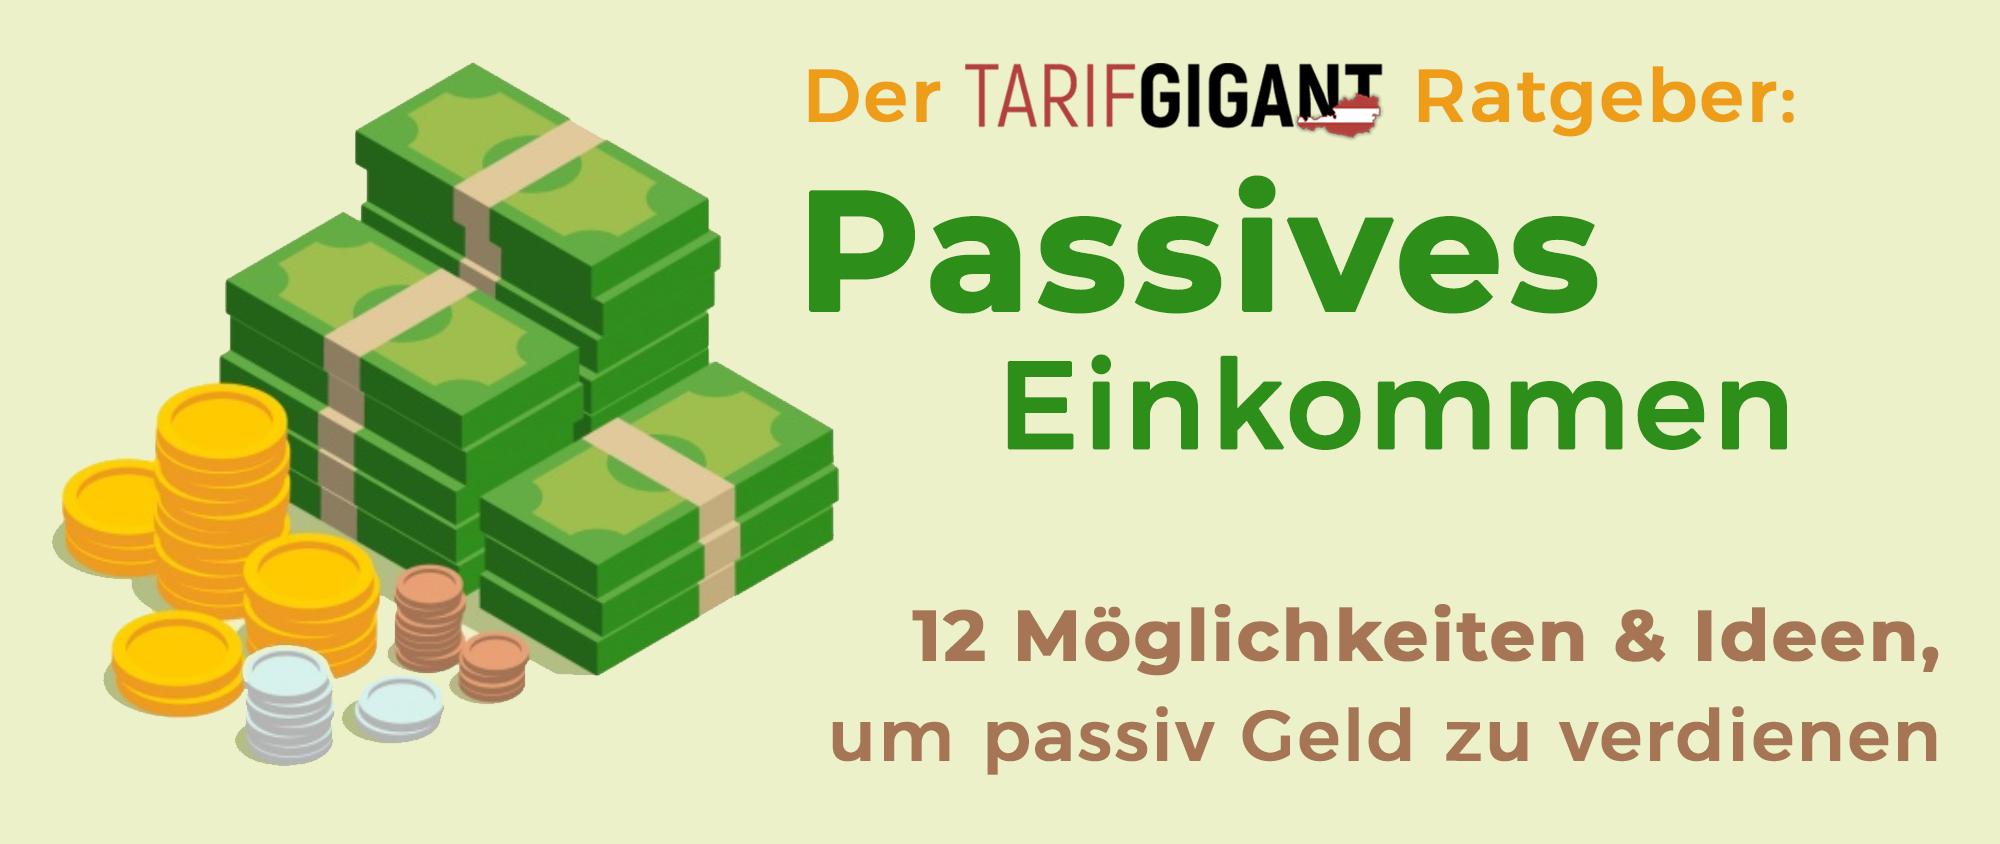 Passiv Geld verdienen: Großer Ratgeber